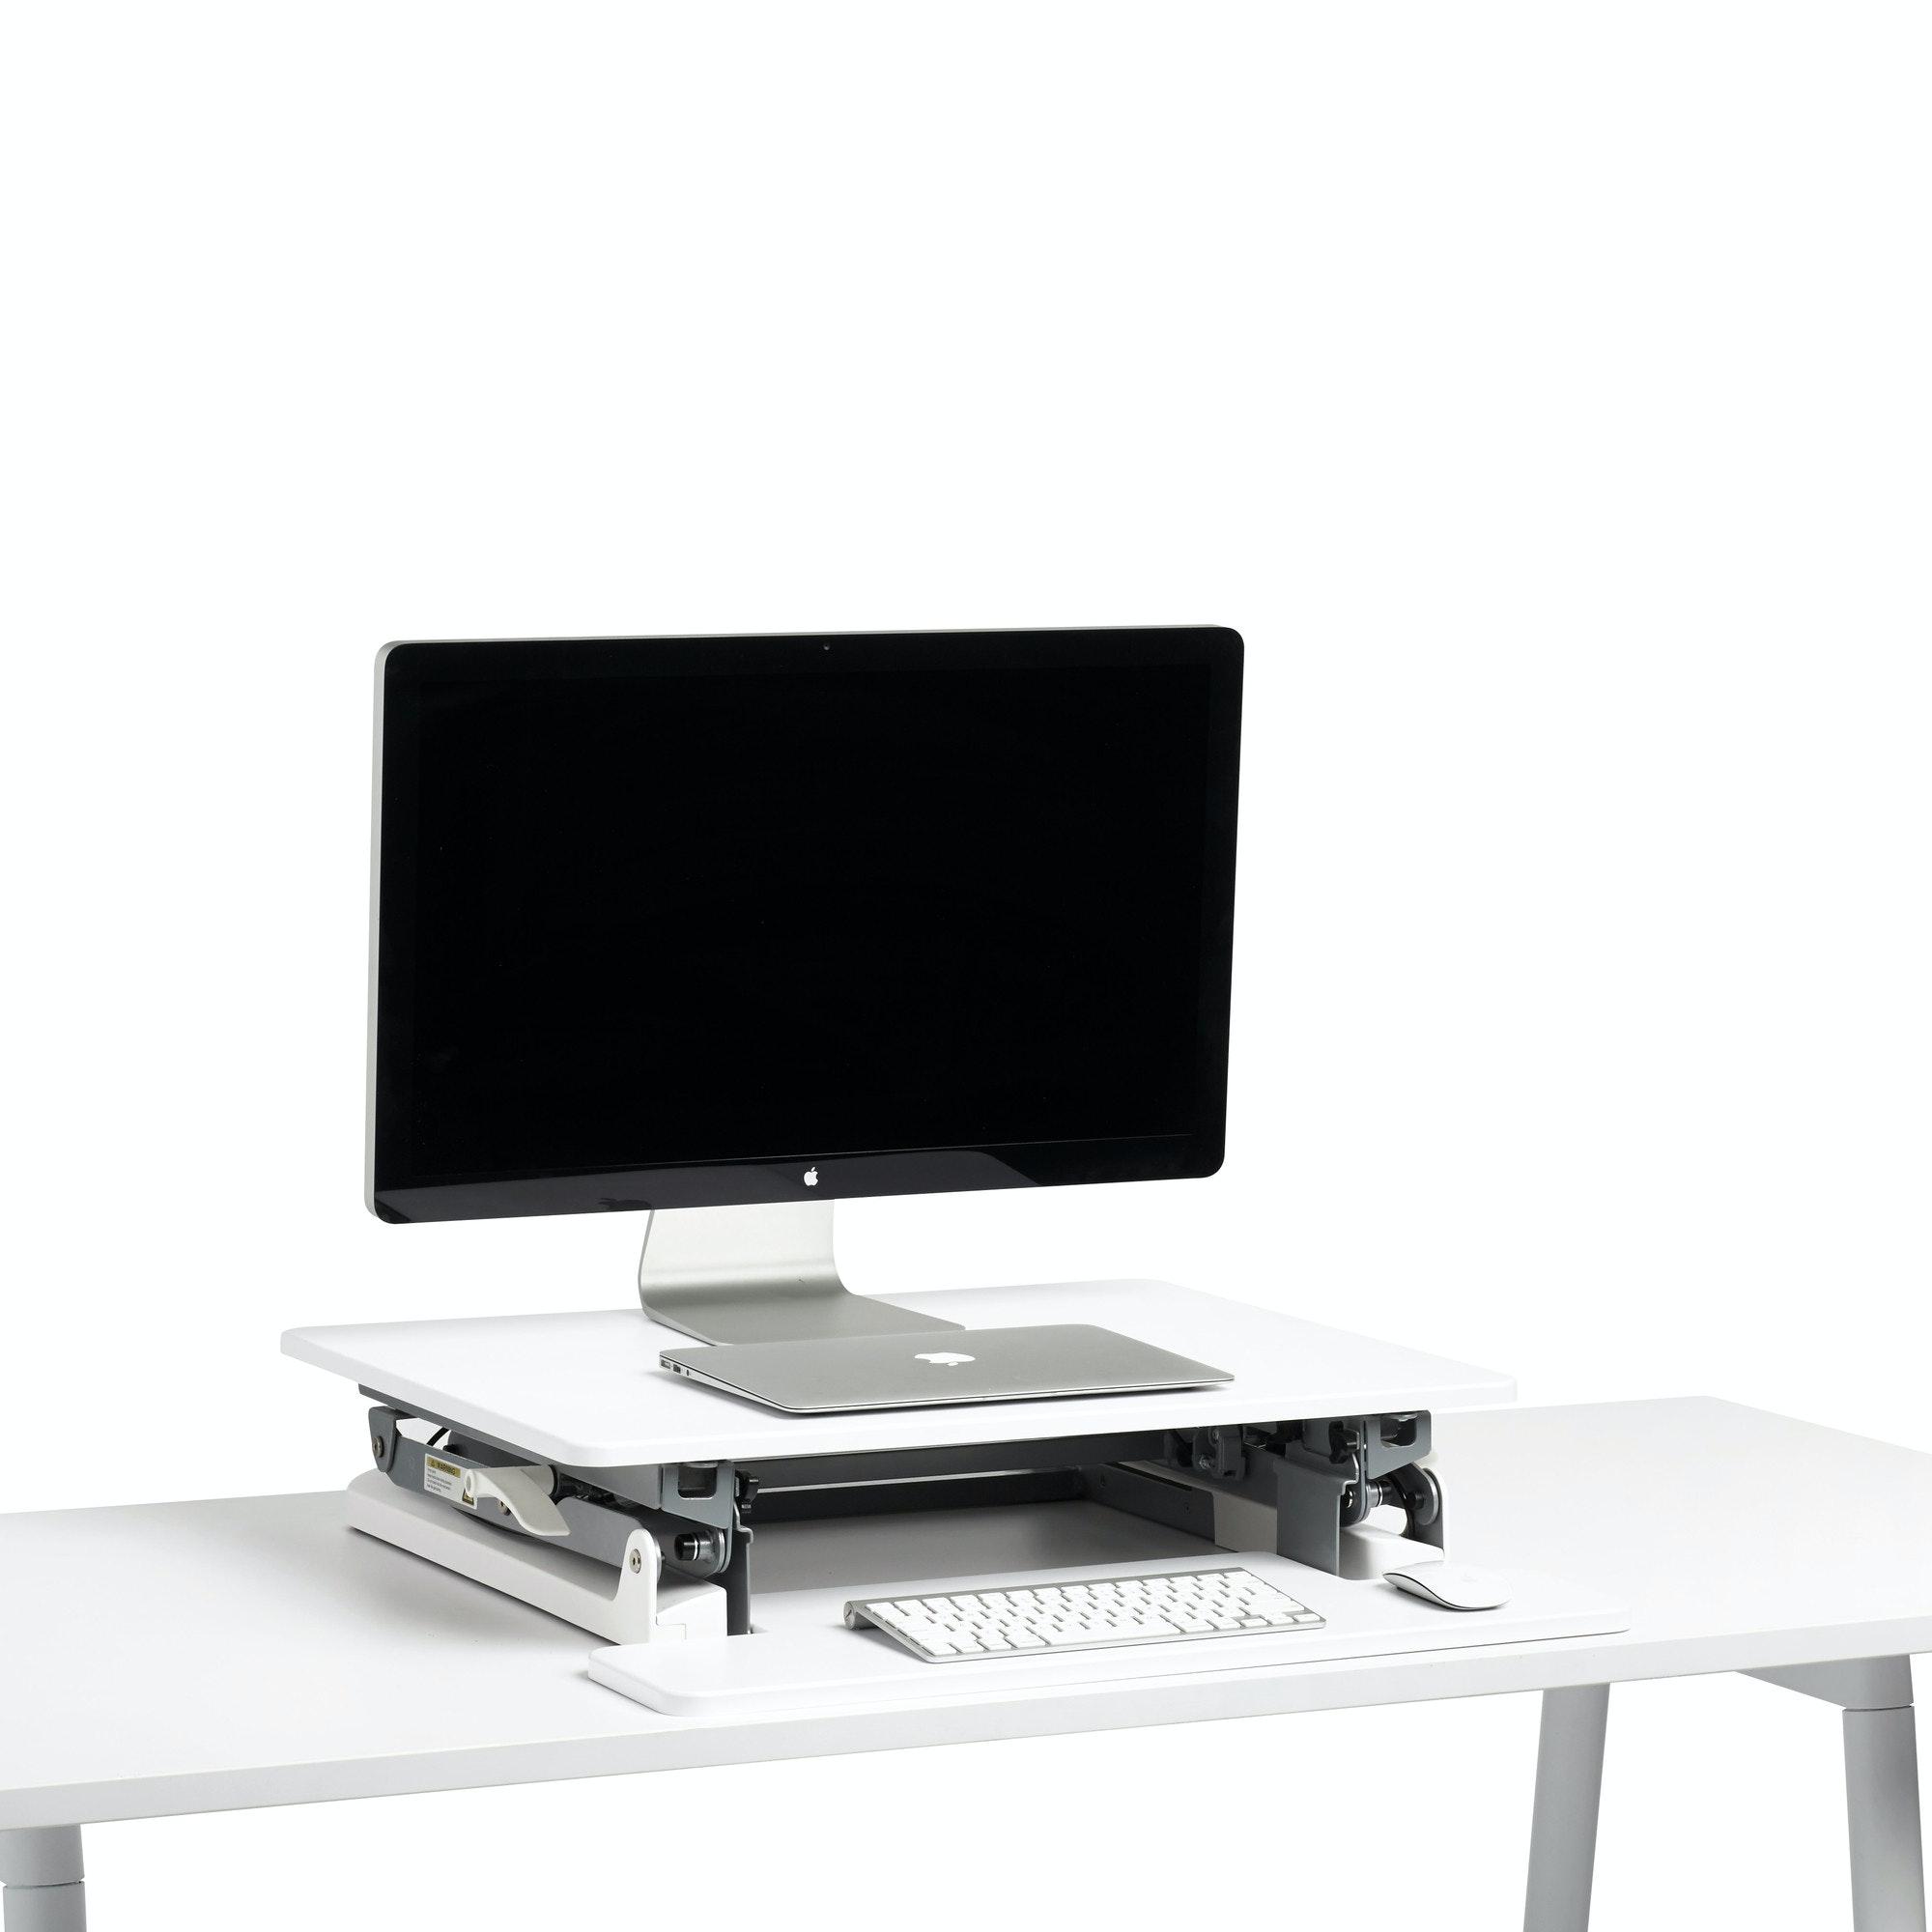 Desk Risers For Standing Laptop Riser For Desk Upright